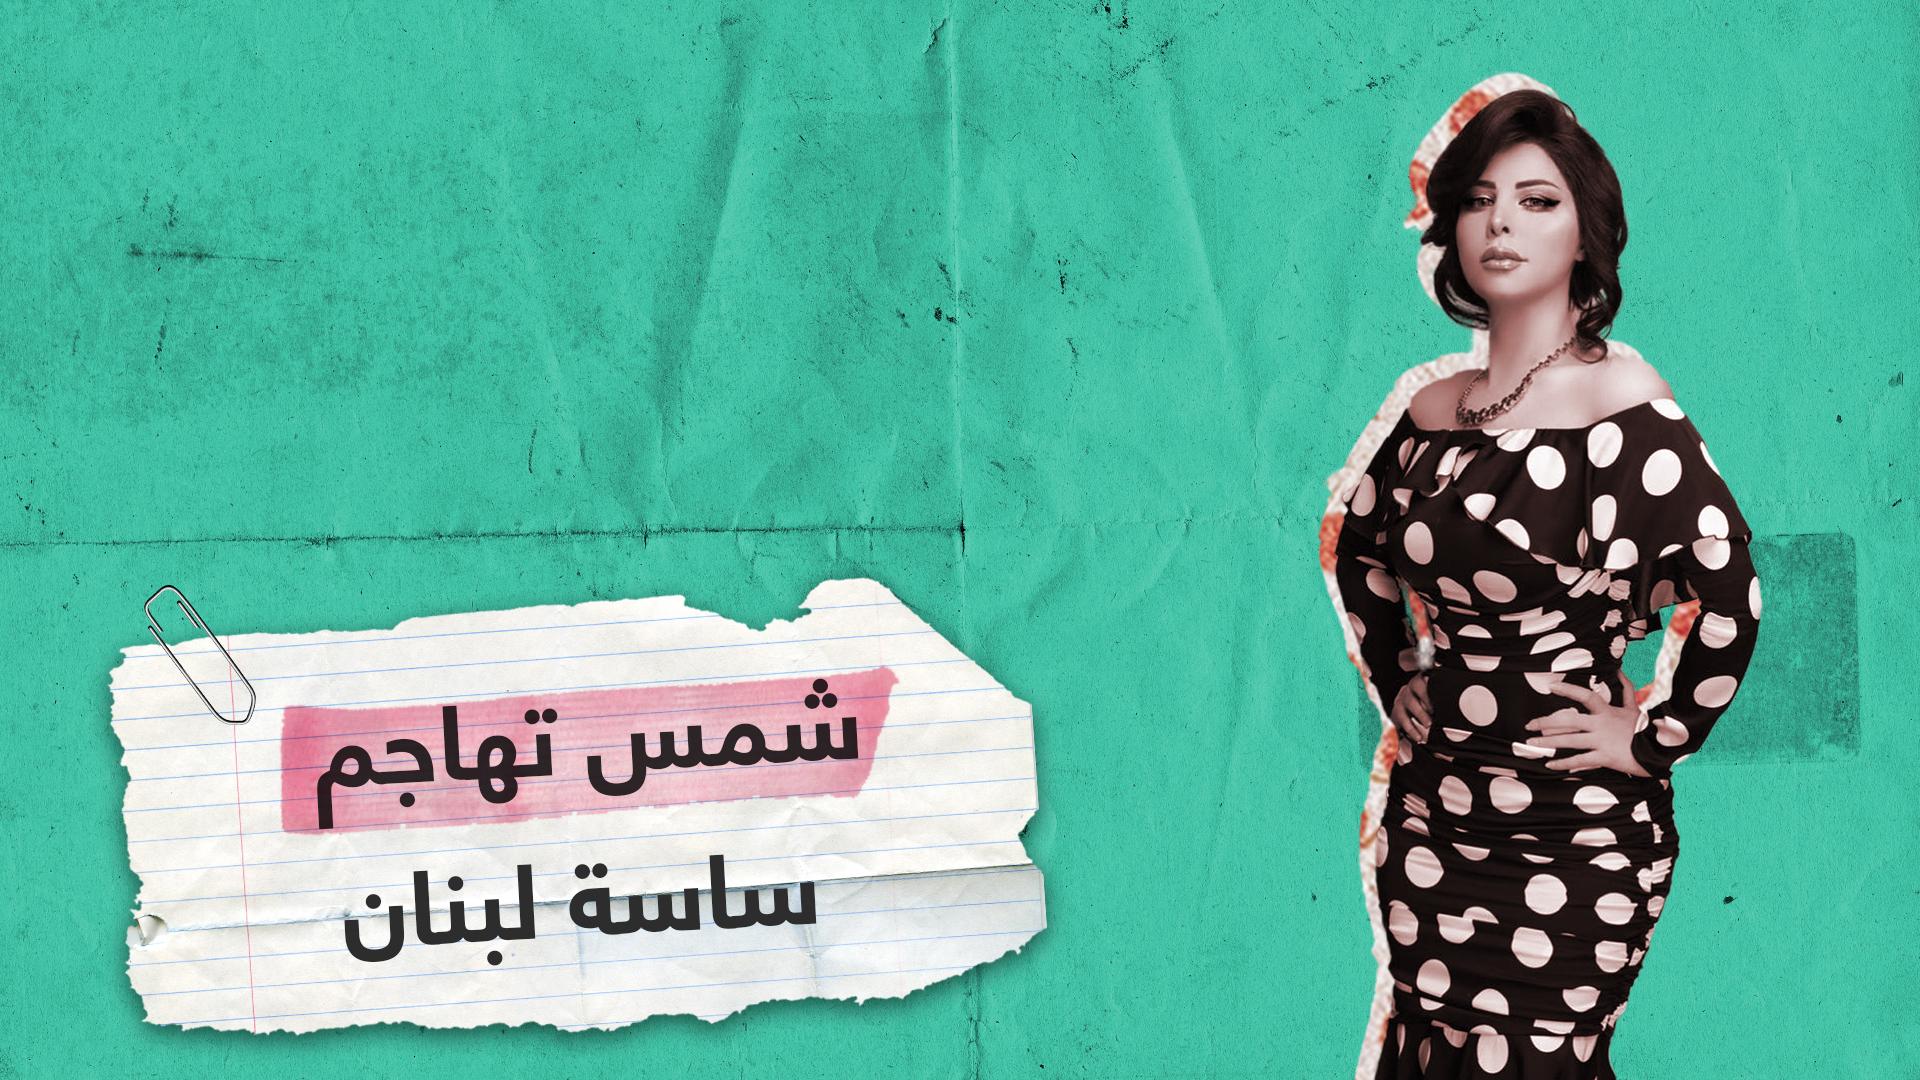 الكويتية شمس تواصل هجومها على الساسة اللبنانيين